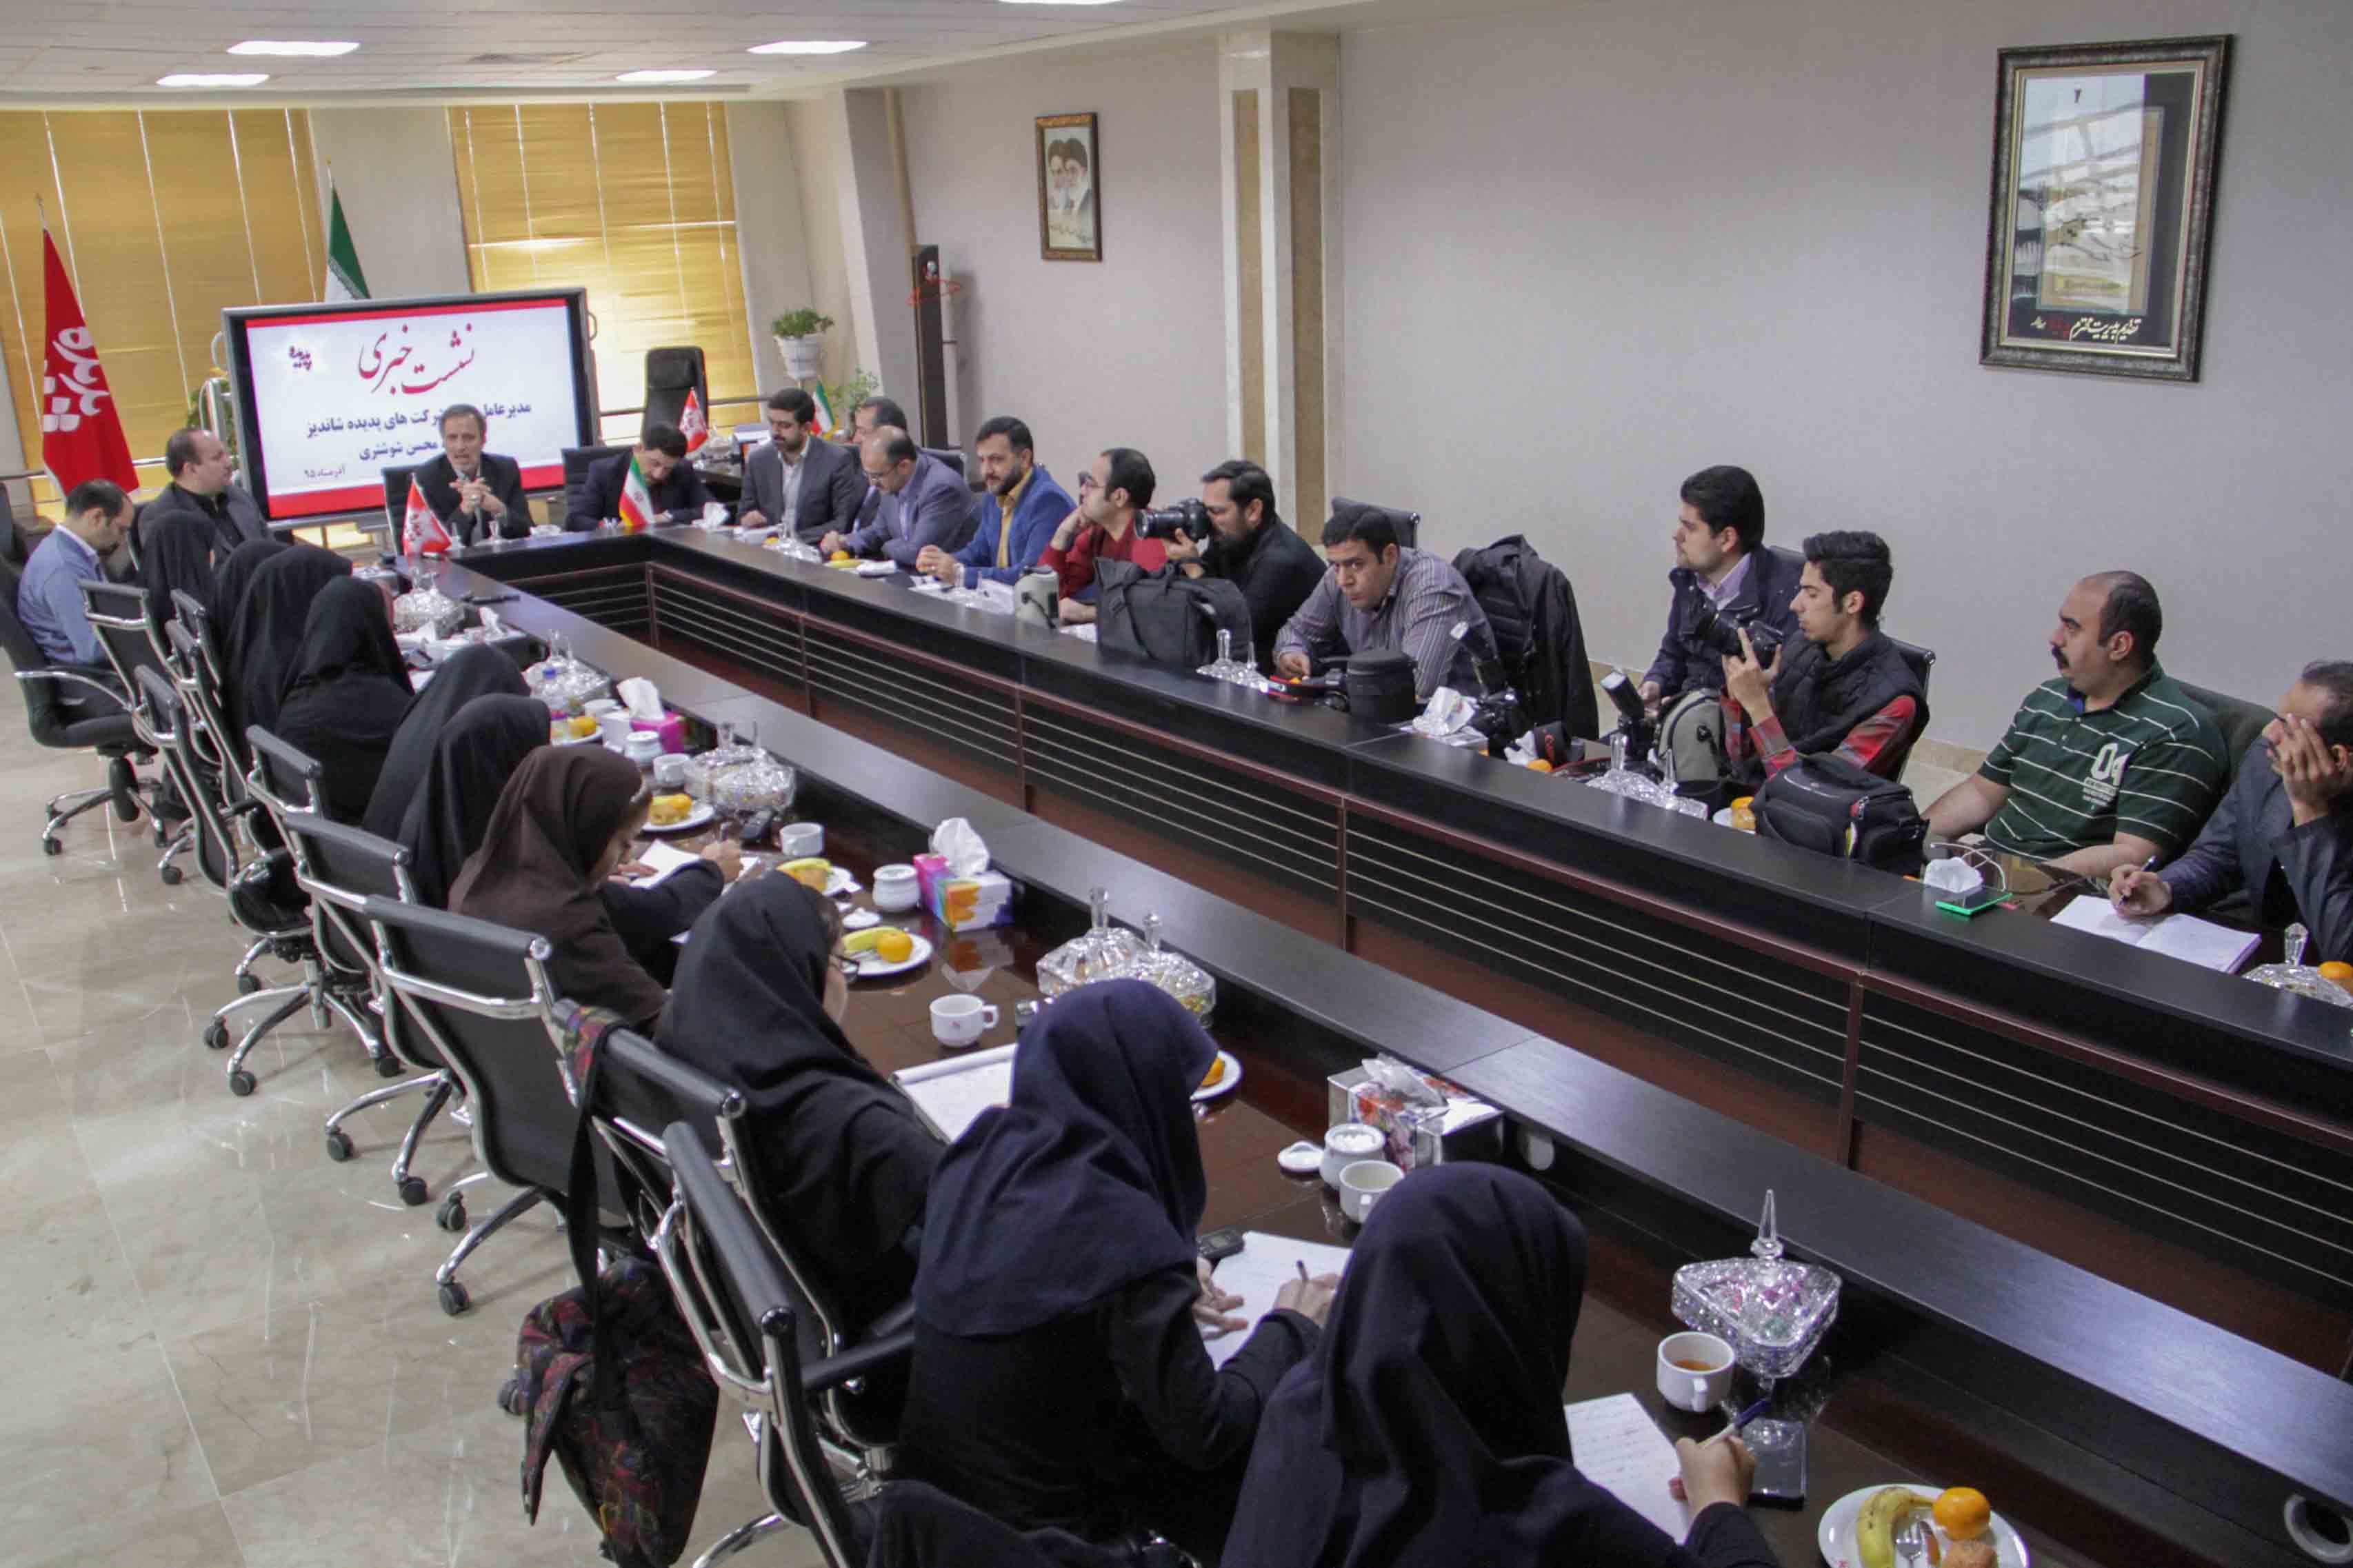 حواشی اولین نشست خبری مدیر عامل پدیده شاندیز؛ از حضور فعال خبرنگاران تا ممنوع المعامله شدن مدیرعامل